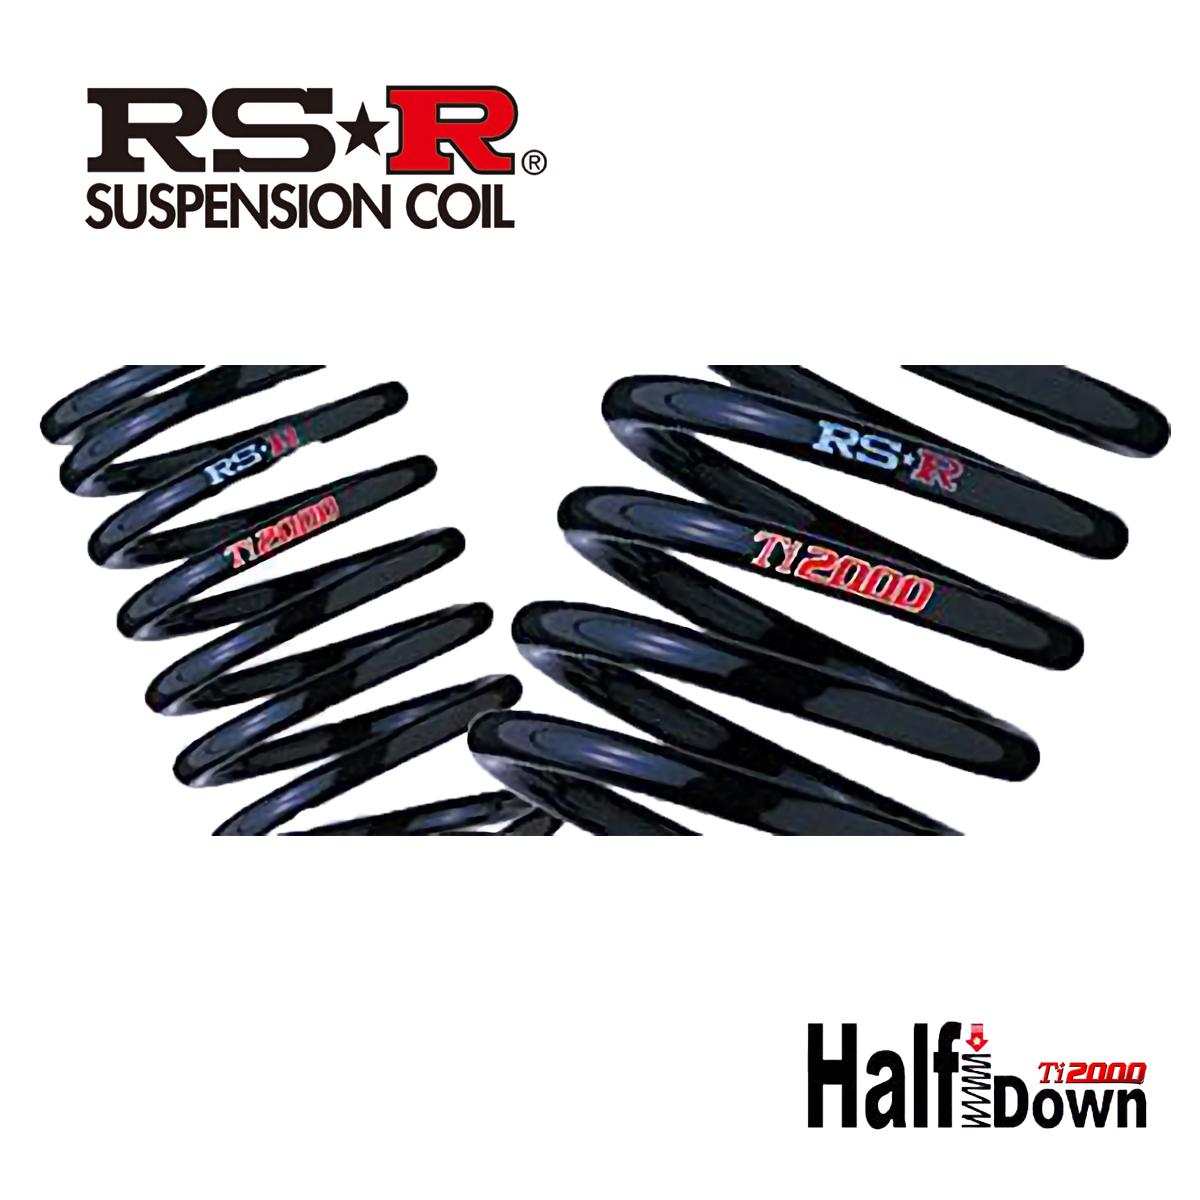 RS-R ヤリス MXPH10 ハイブリッドX ダウンサス スプリング フロント T362THDF Ti2000 ハーフダウン RSR 個人宅発送追金有